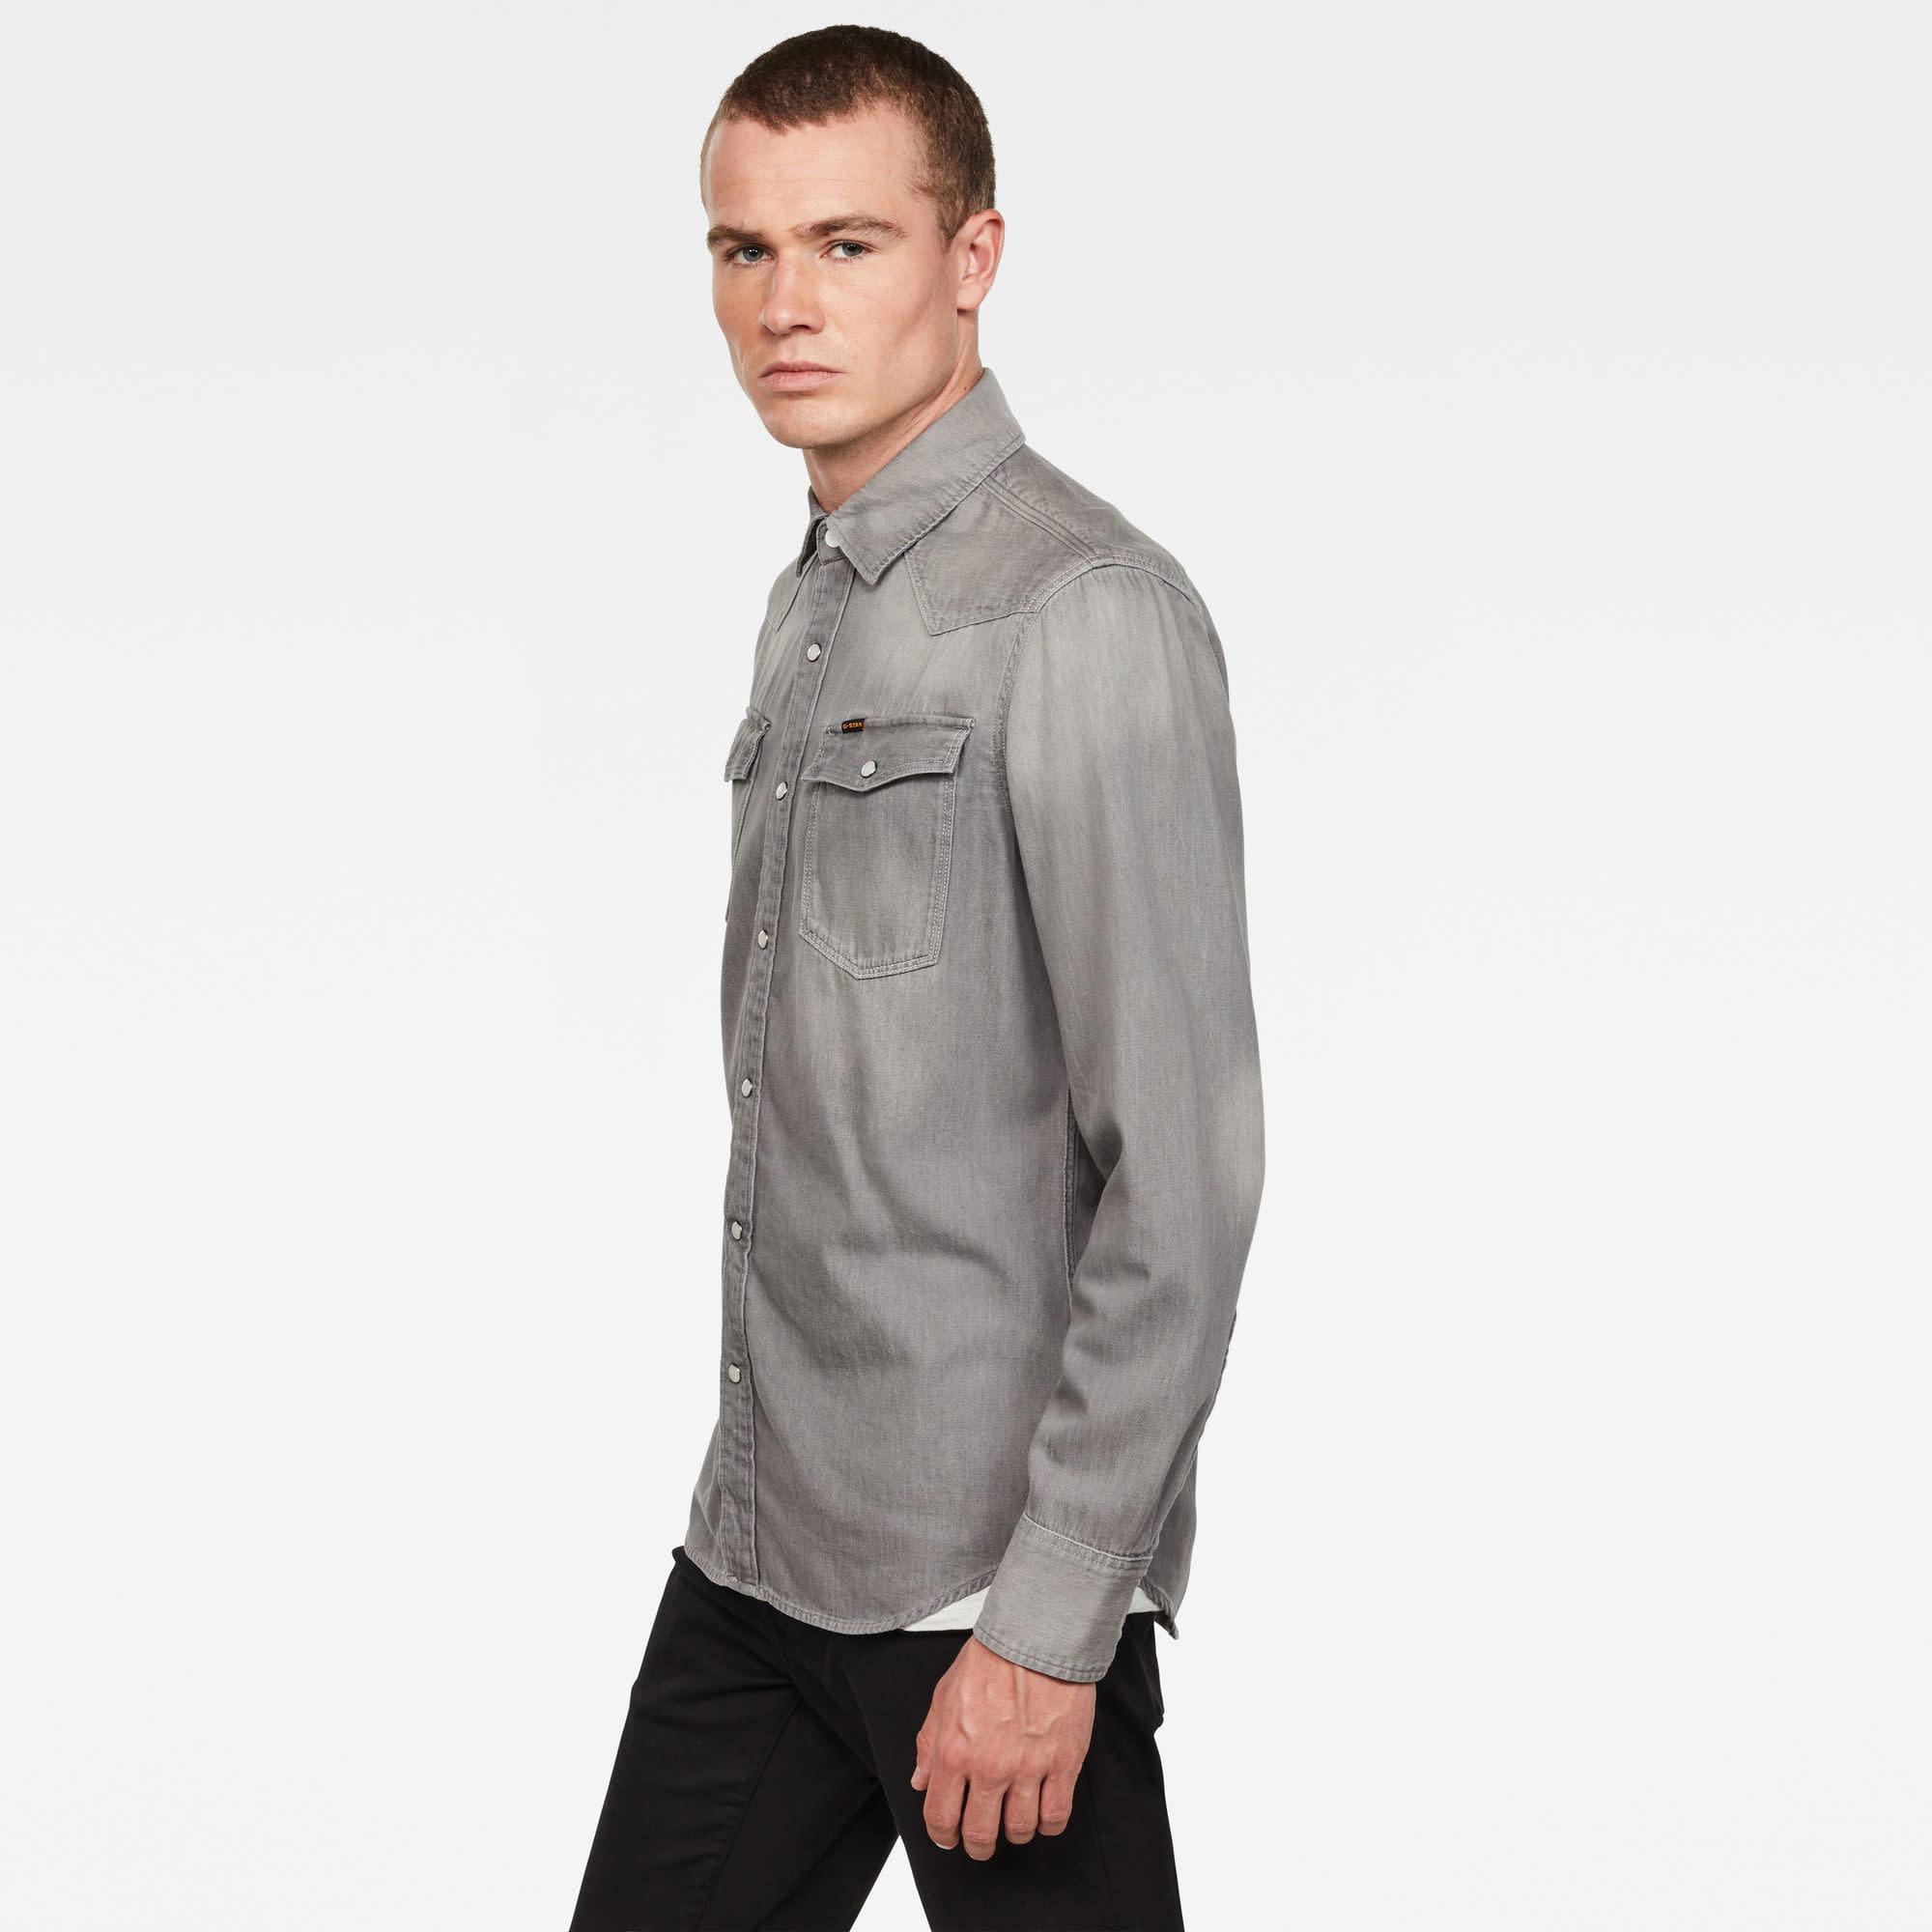 G-Star G-star 3301 Denim Slim Shirt B497-B793 Faded Dust Grey